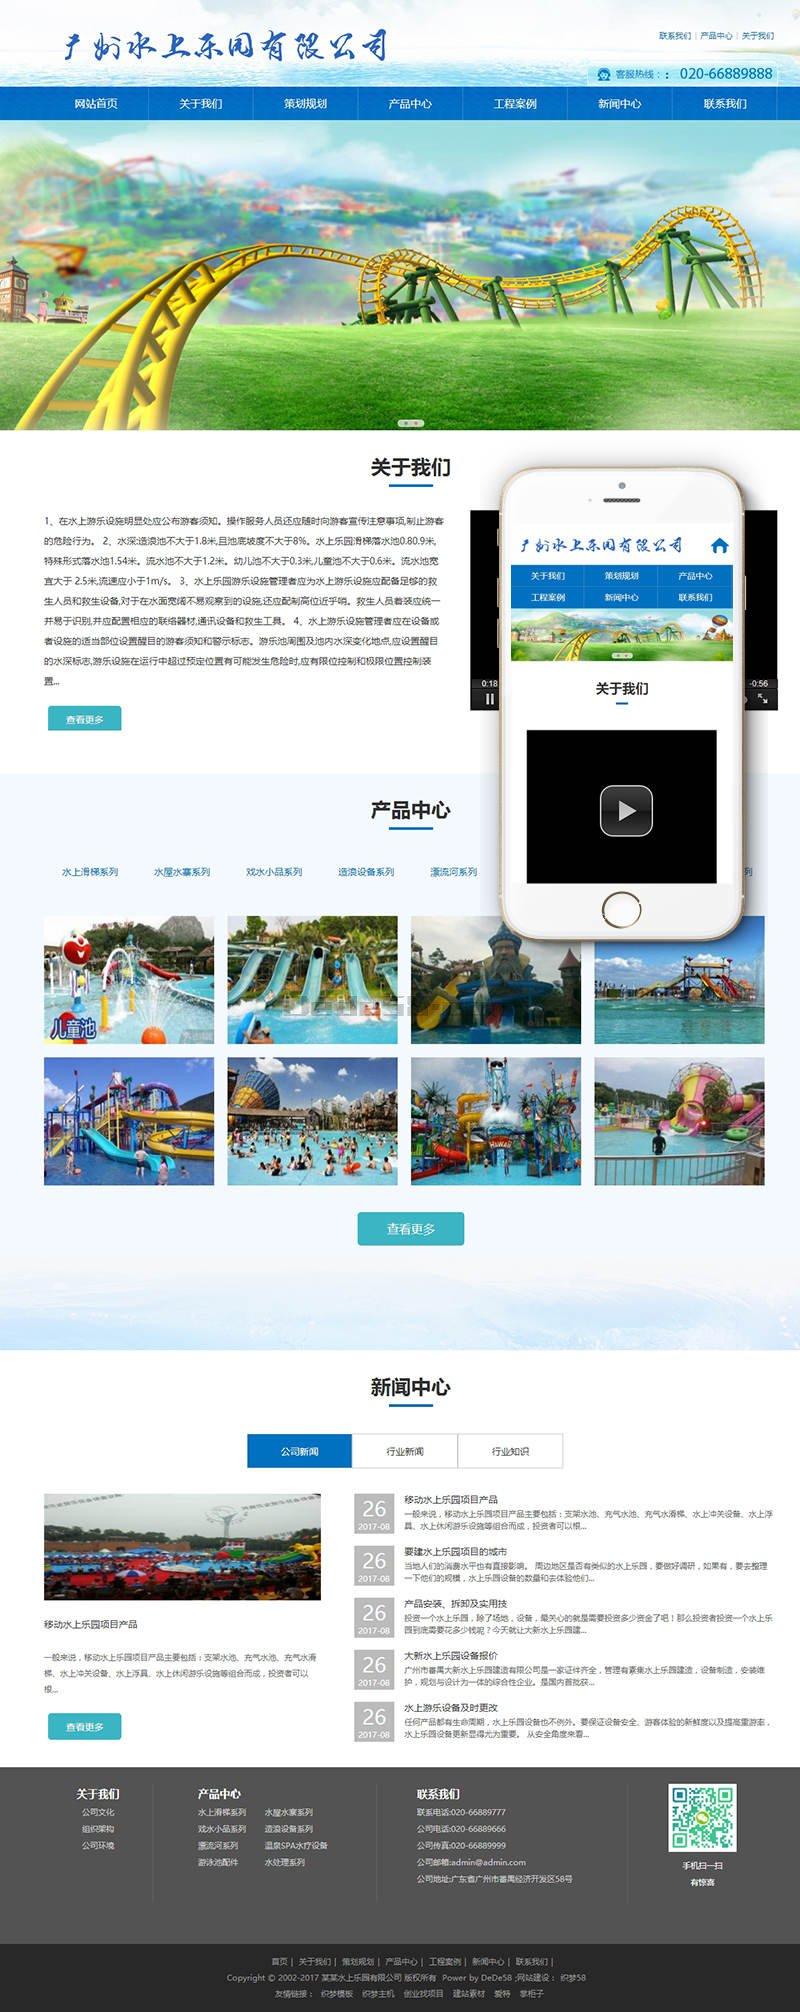 [织梦模板]响应式水上乐园设备类网站模板(自适应手机端)